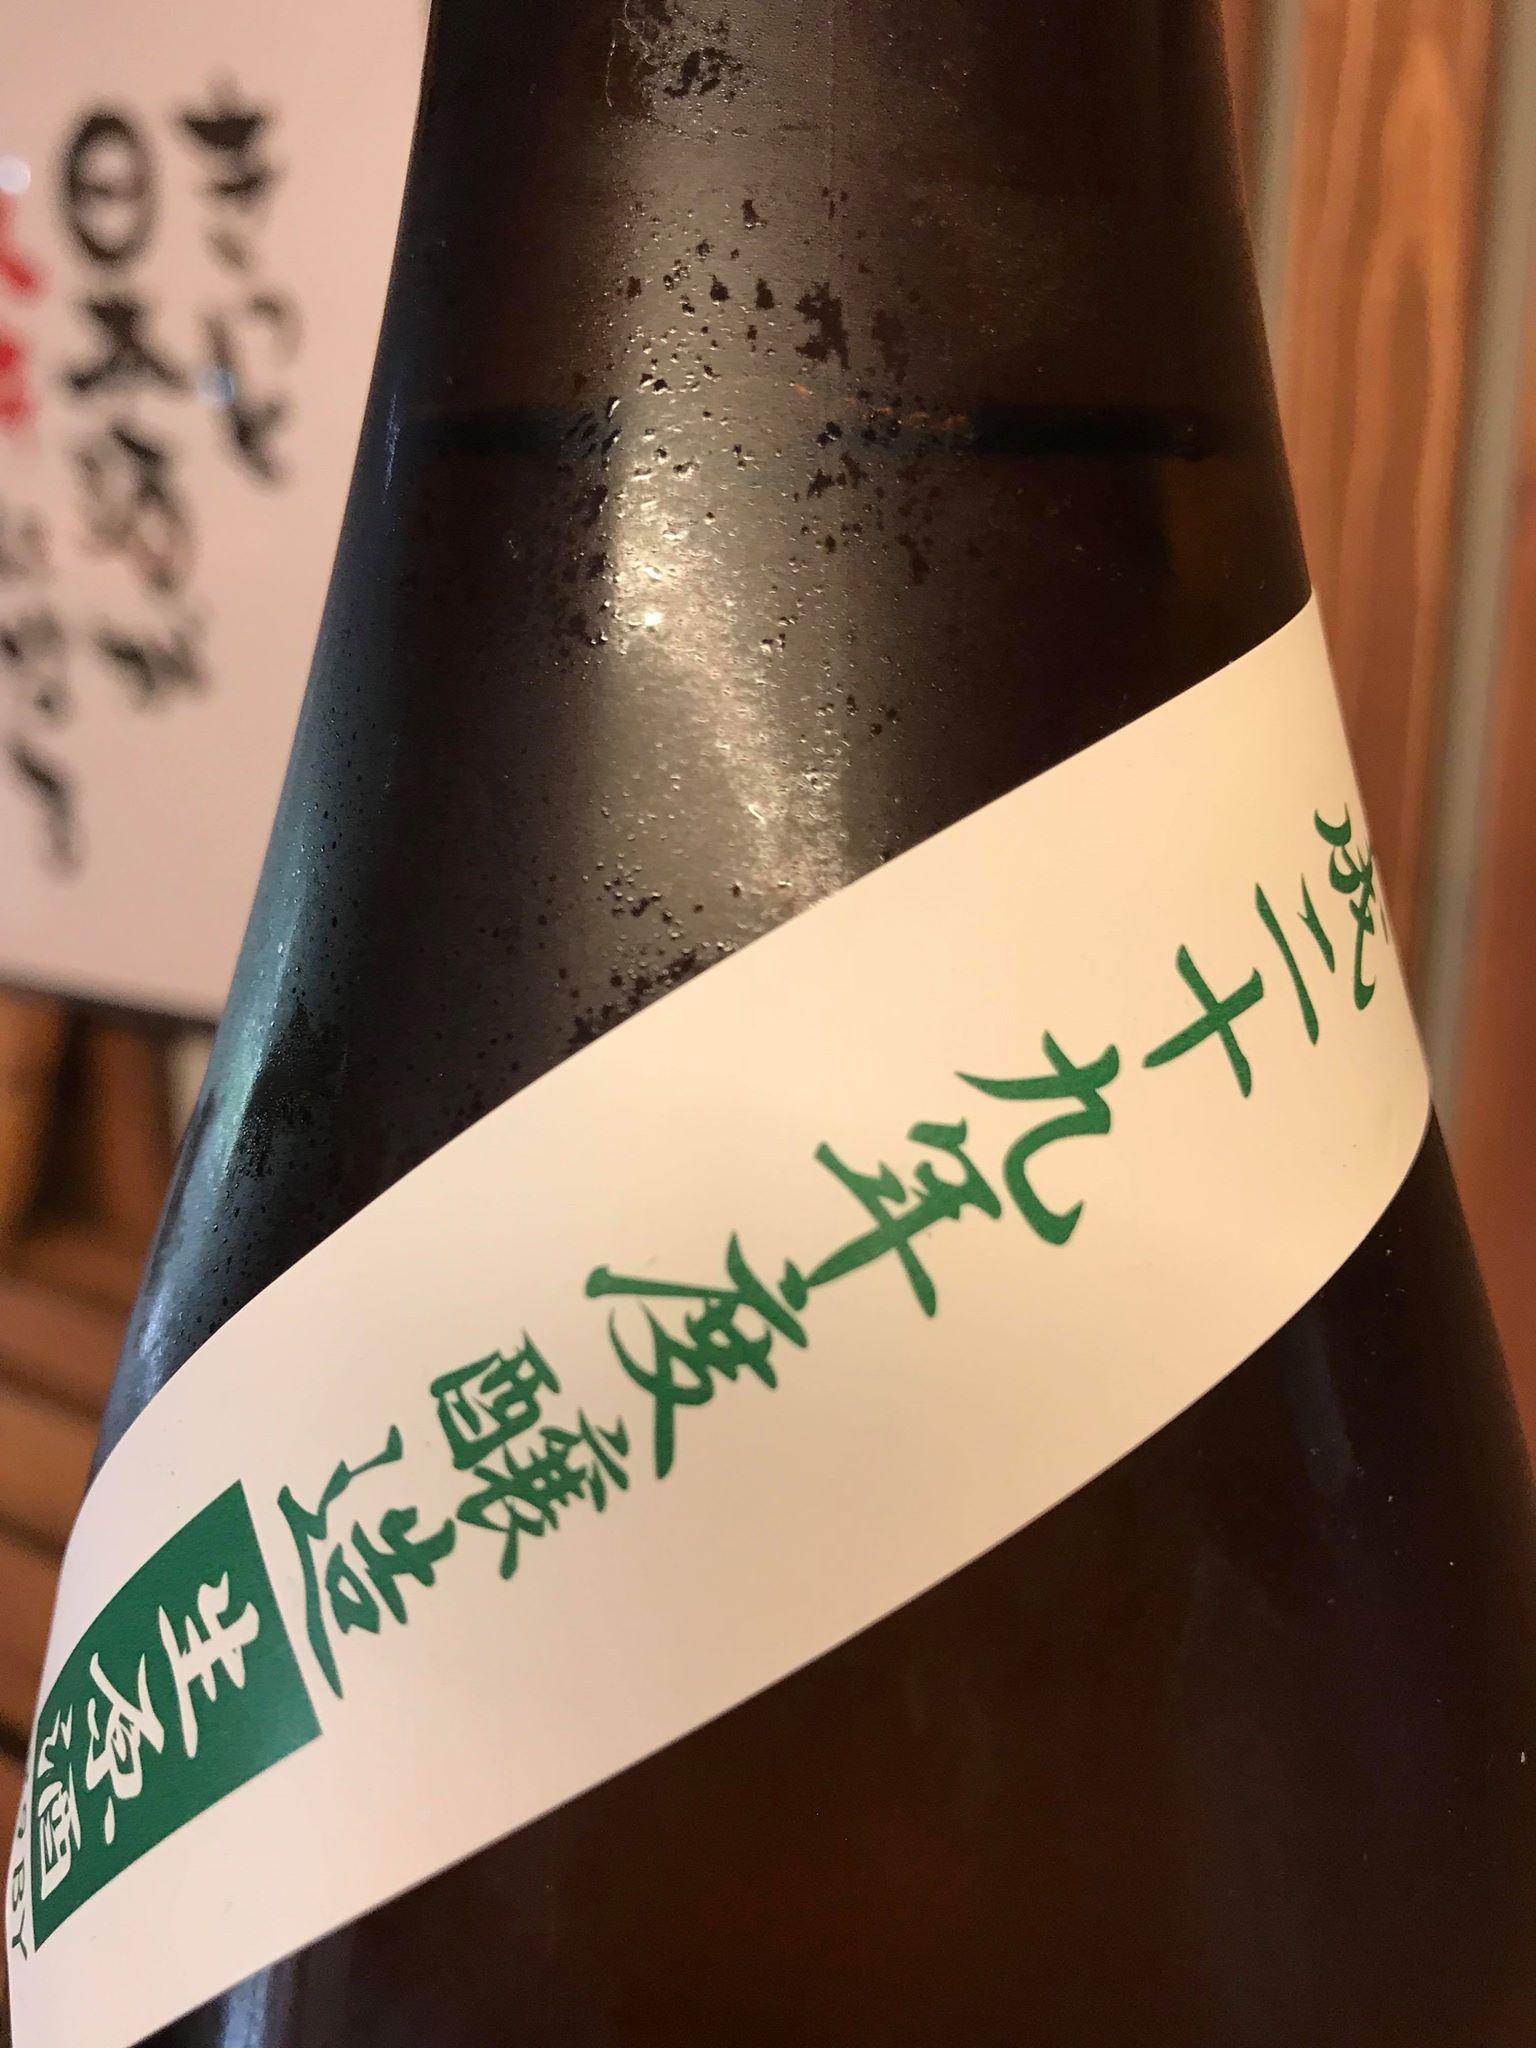 【日本酒】鶴齢 特別純米 無濾過生原酒 瀬戸産雄町55 限定 29BY_e0173738_1610474.jpg